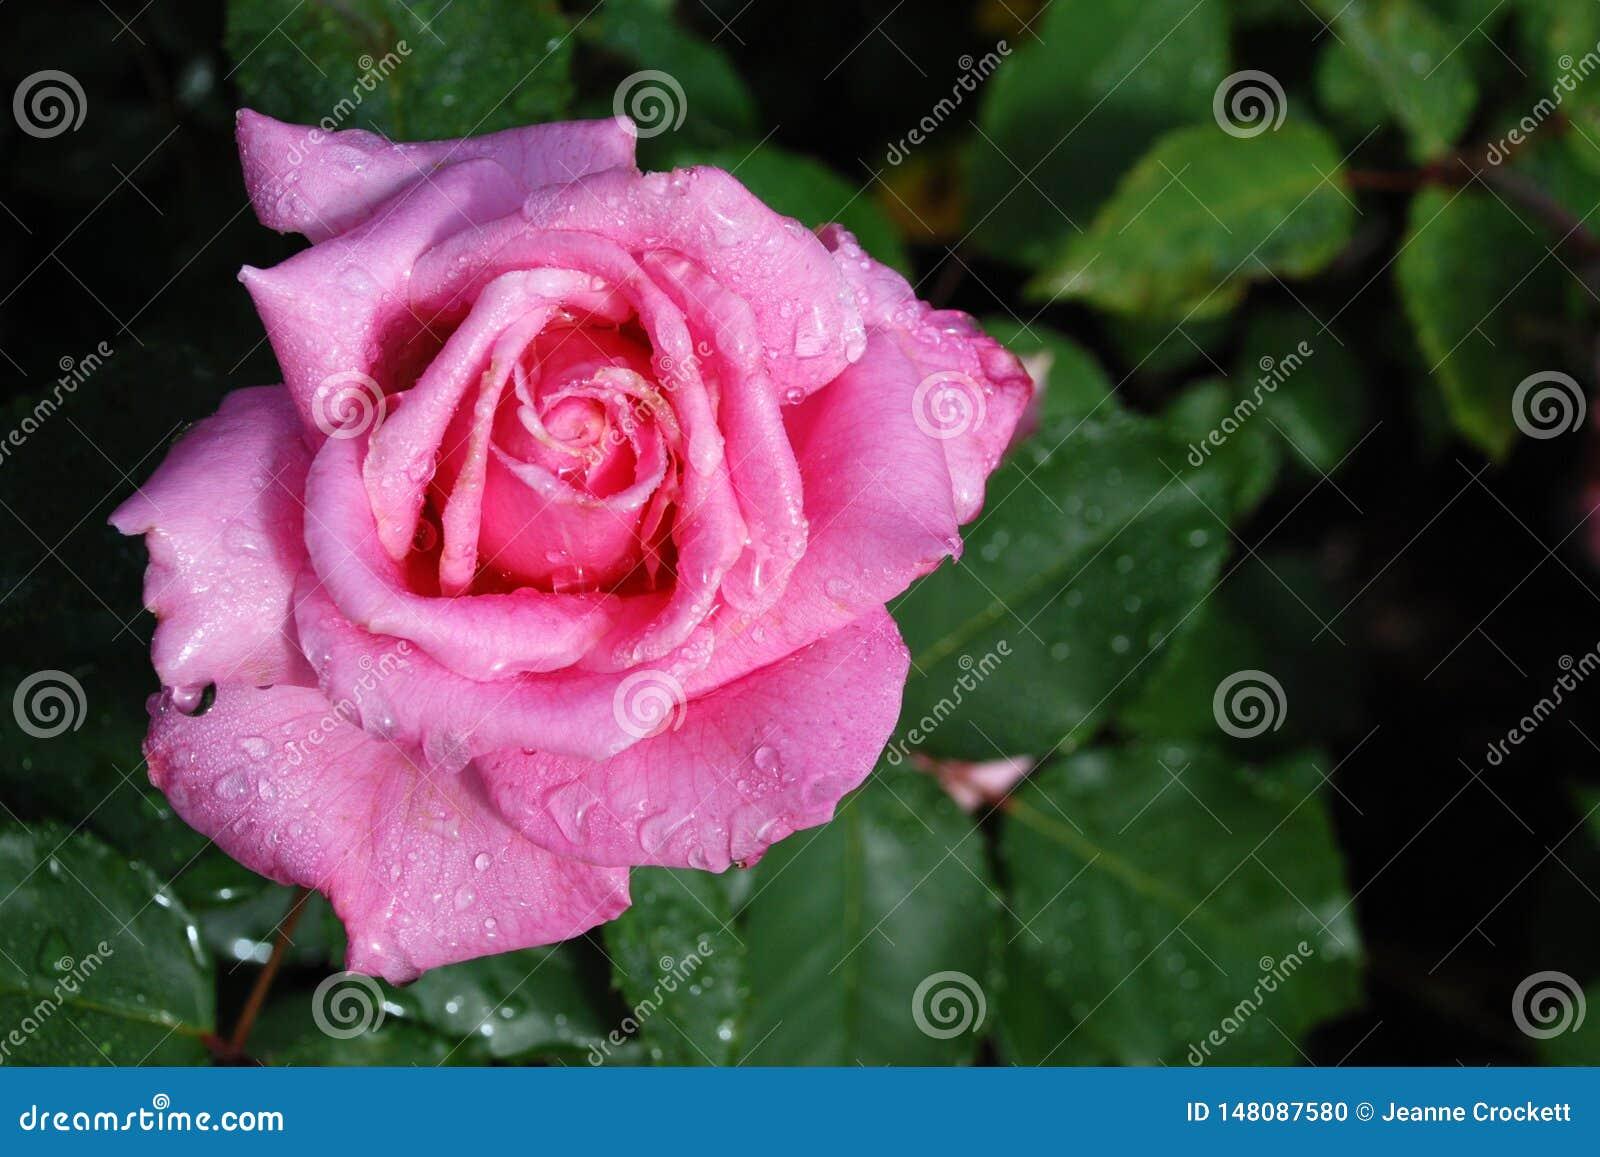 Rose de rose avec des baisses de ros?e